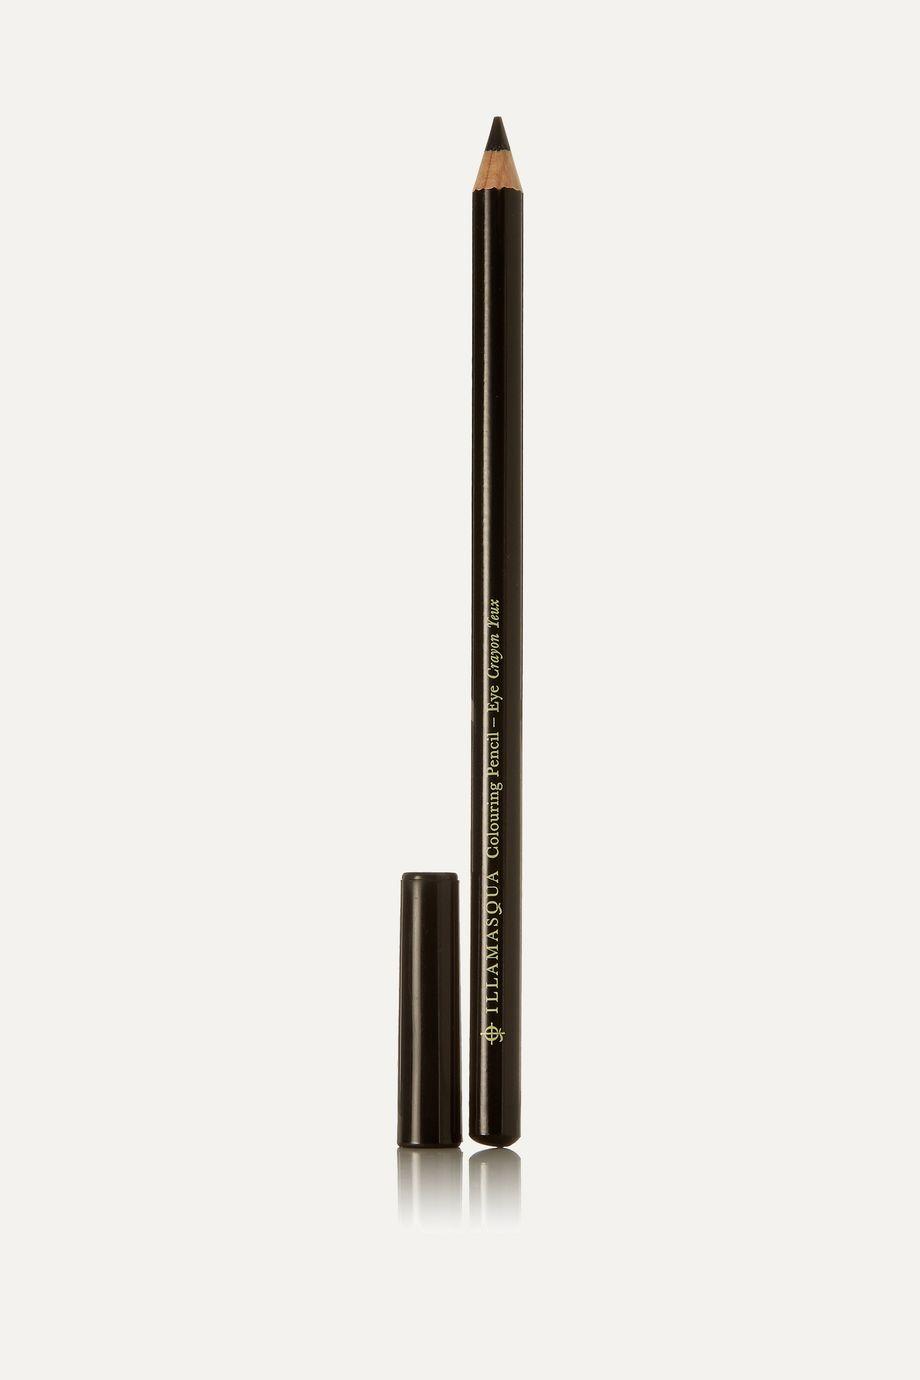 Illamasqua Eye Coloring Pencil - S.O.P.H.I.E.